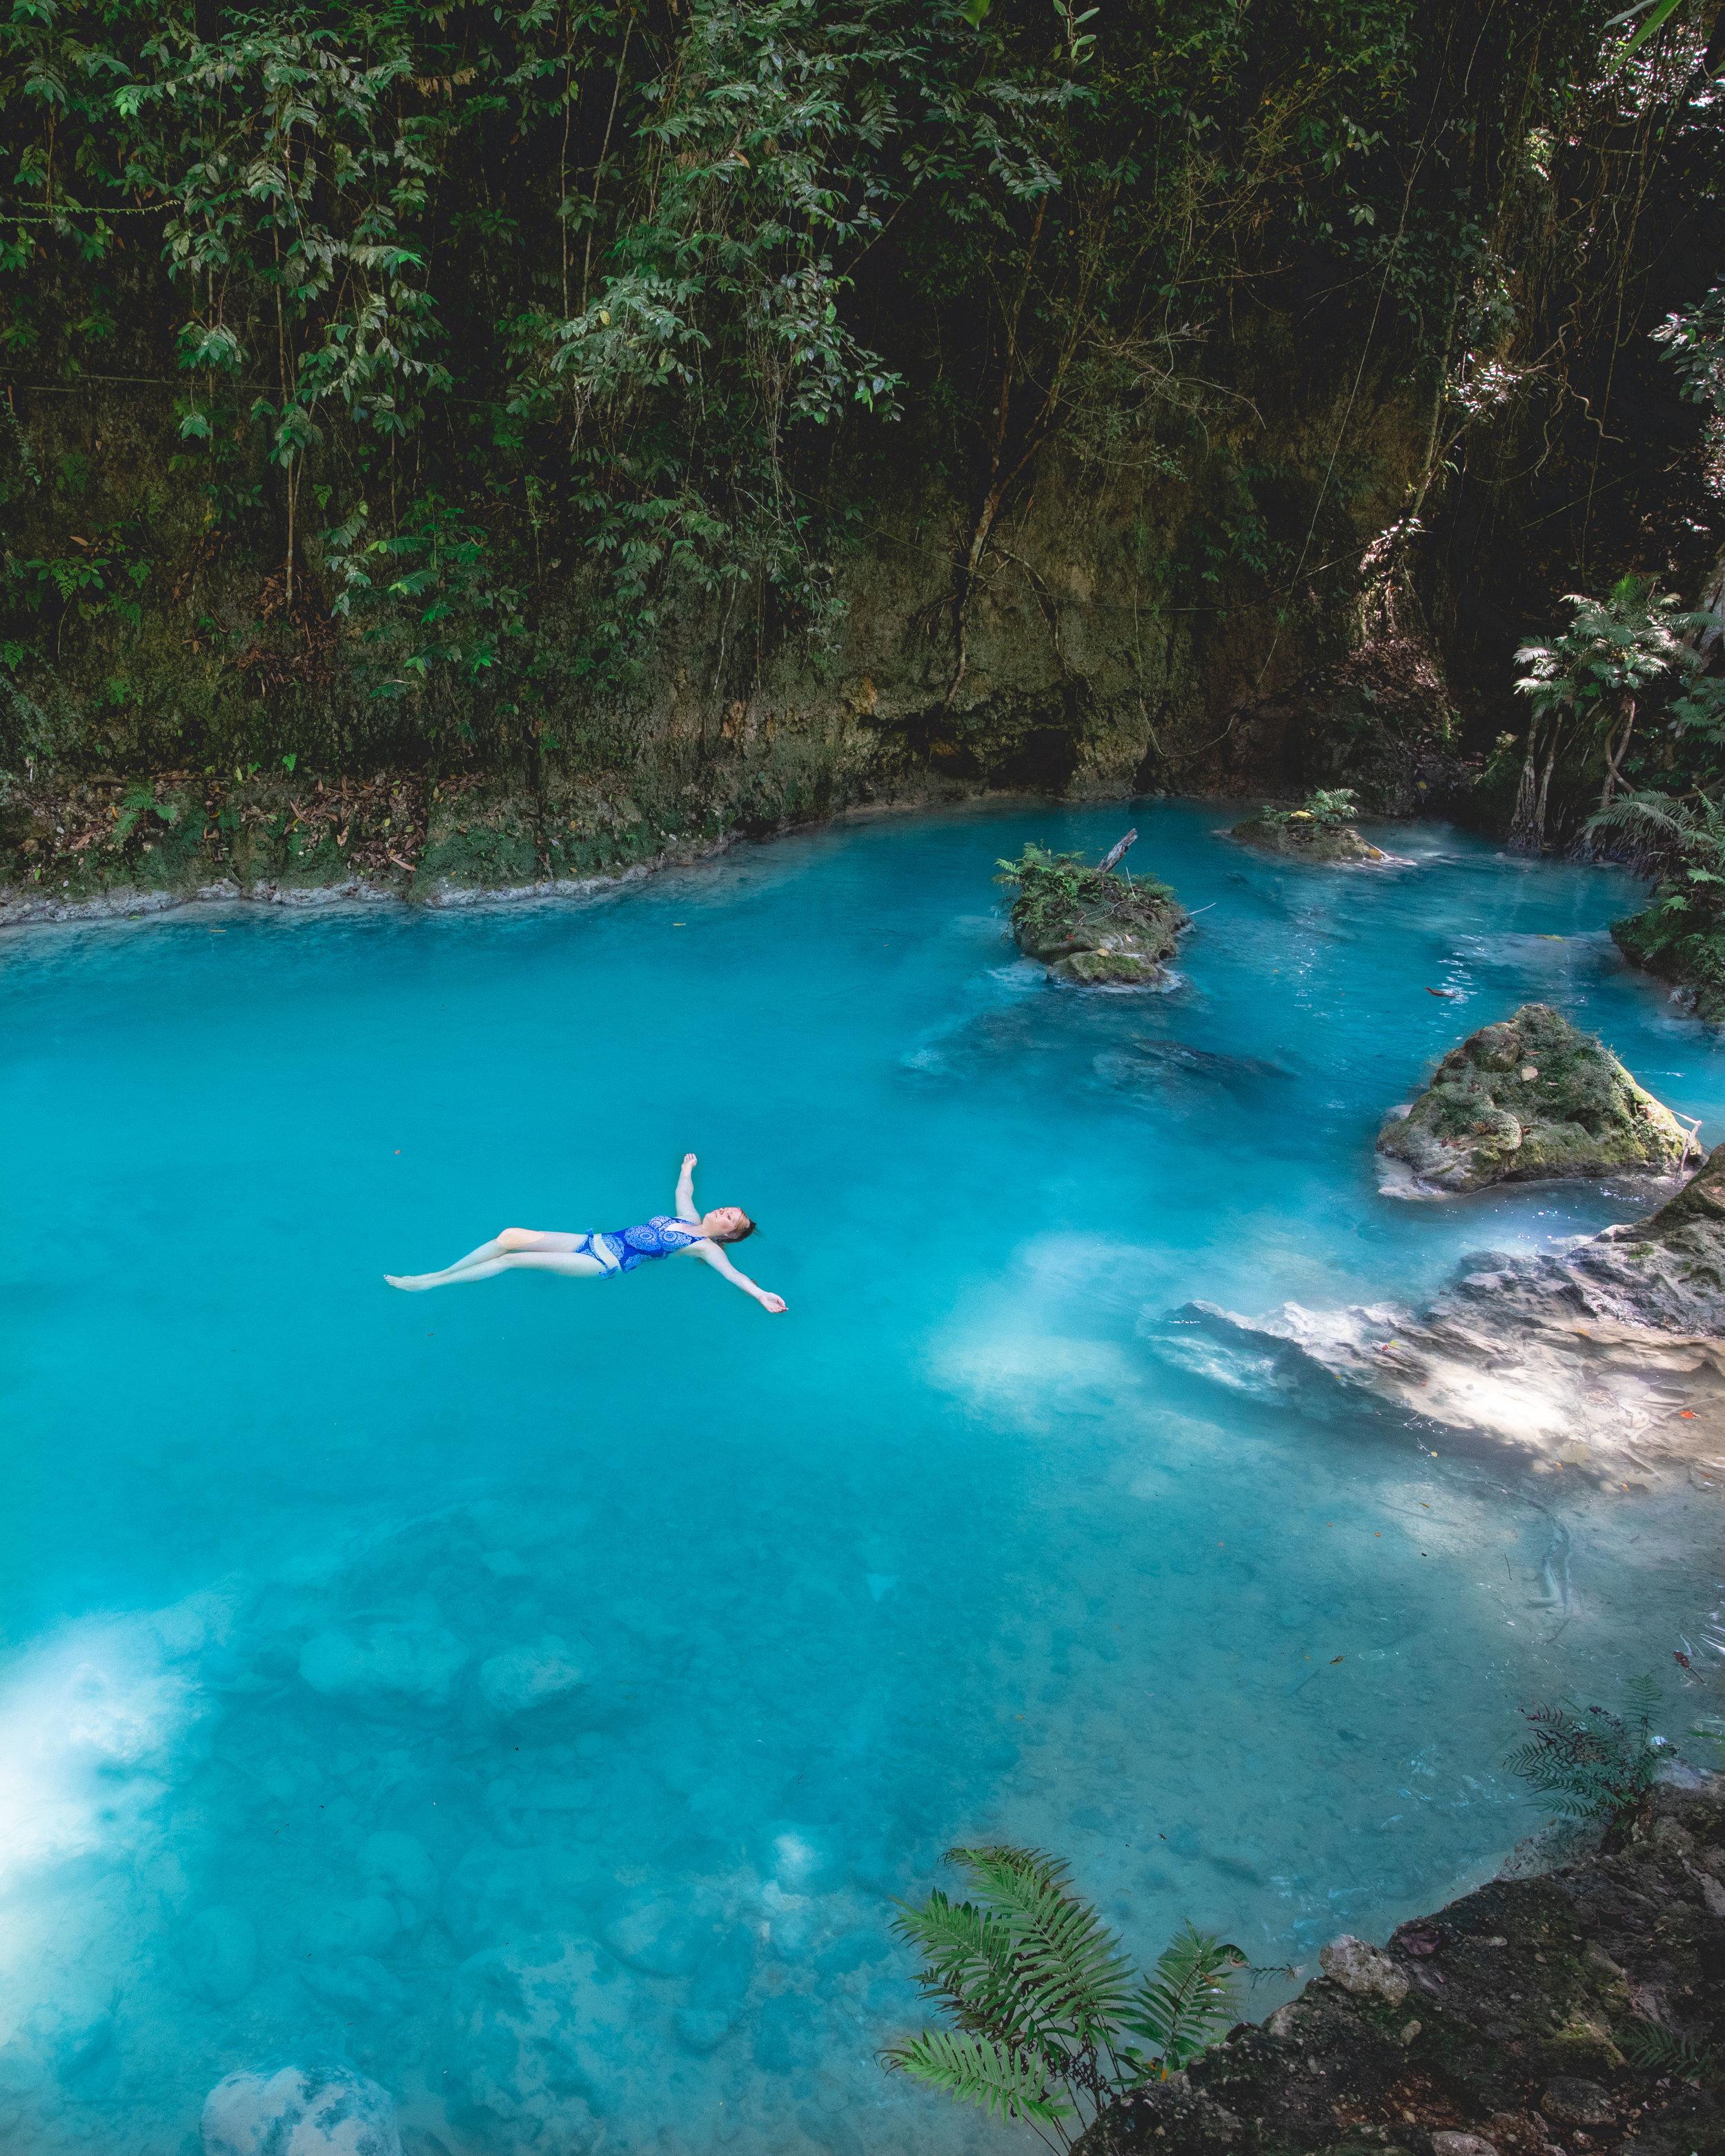 The blissful pools at Kawasan